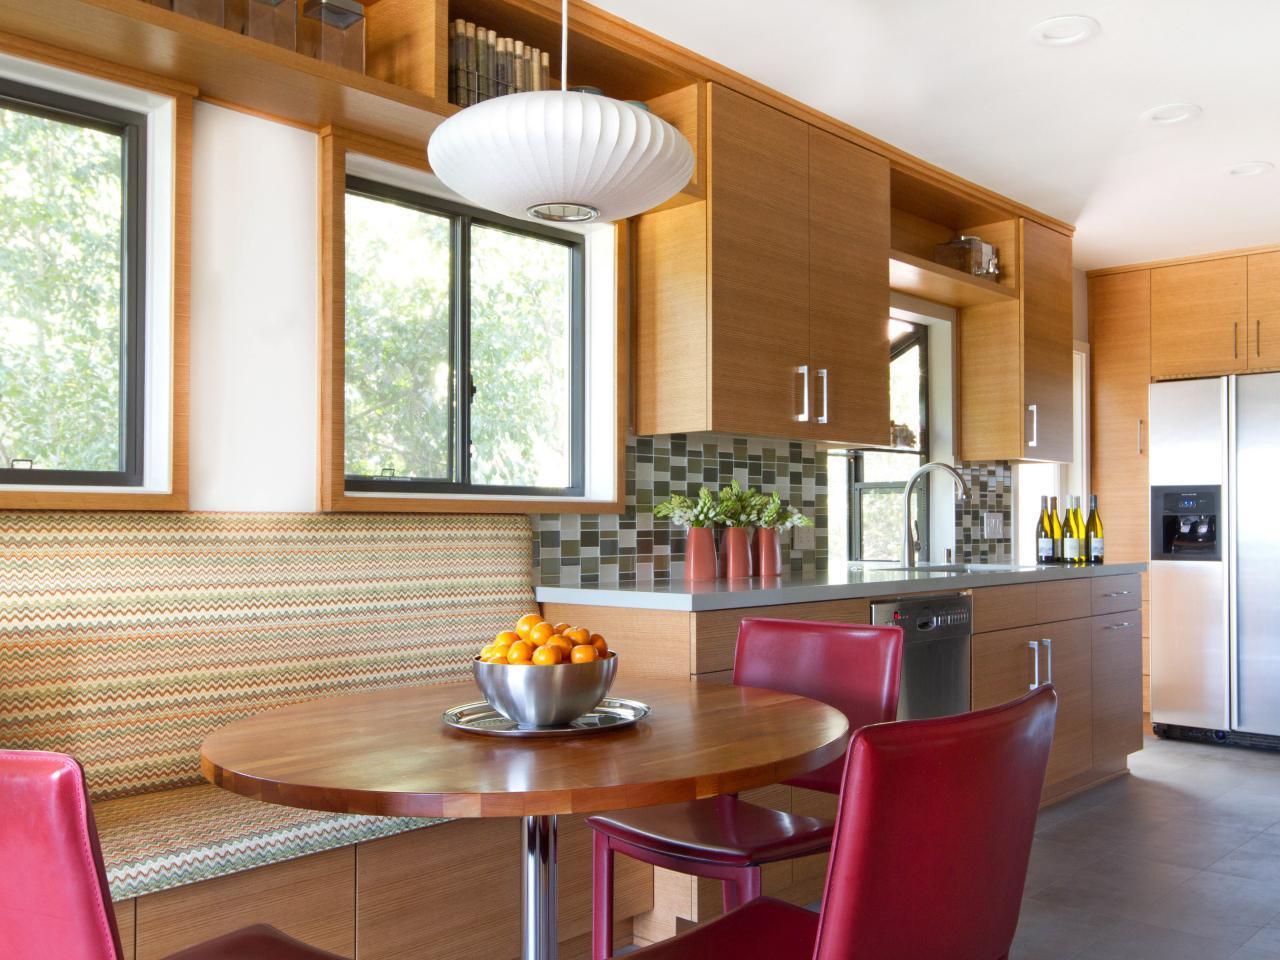 Для кухни в минималистическом стиле идеально подойдут оконные жалюзи